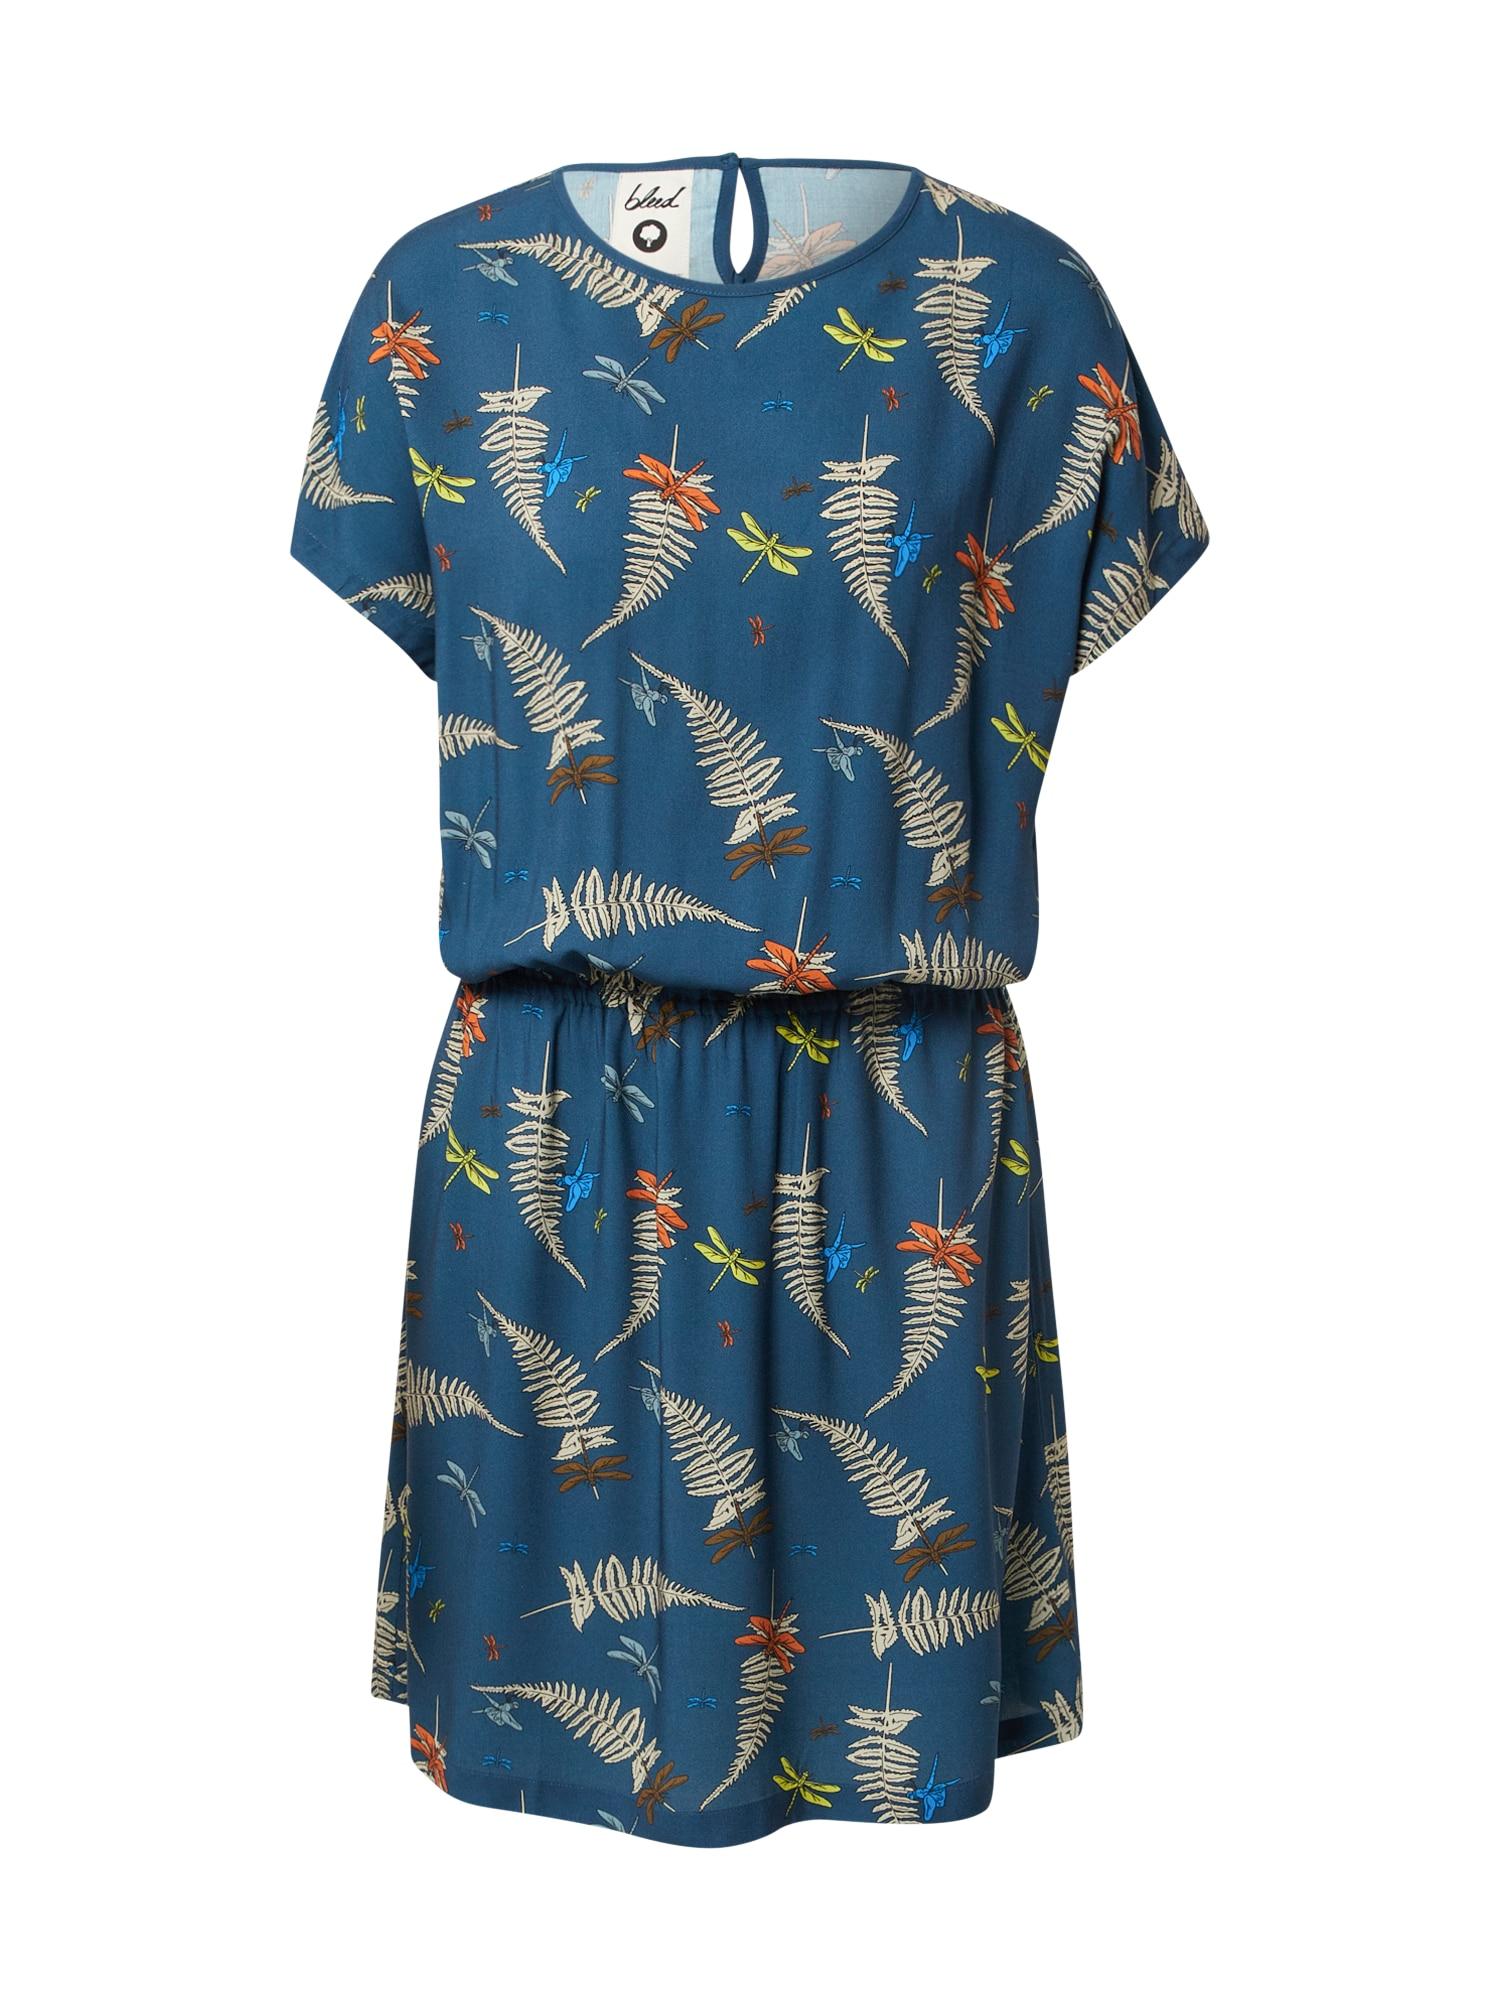 bleed clothing Suknelė tamsiai mėlyna / tamsiai oranžinė / mėlyna / smėlio spalva / žaliosios citrinos spalva